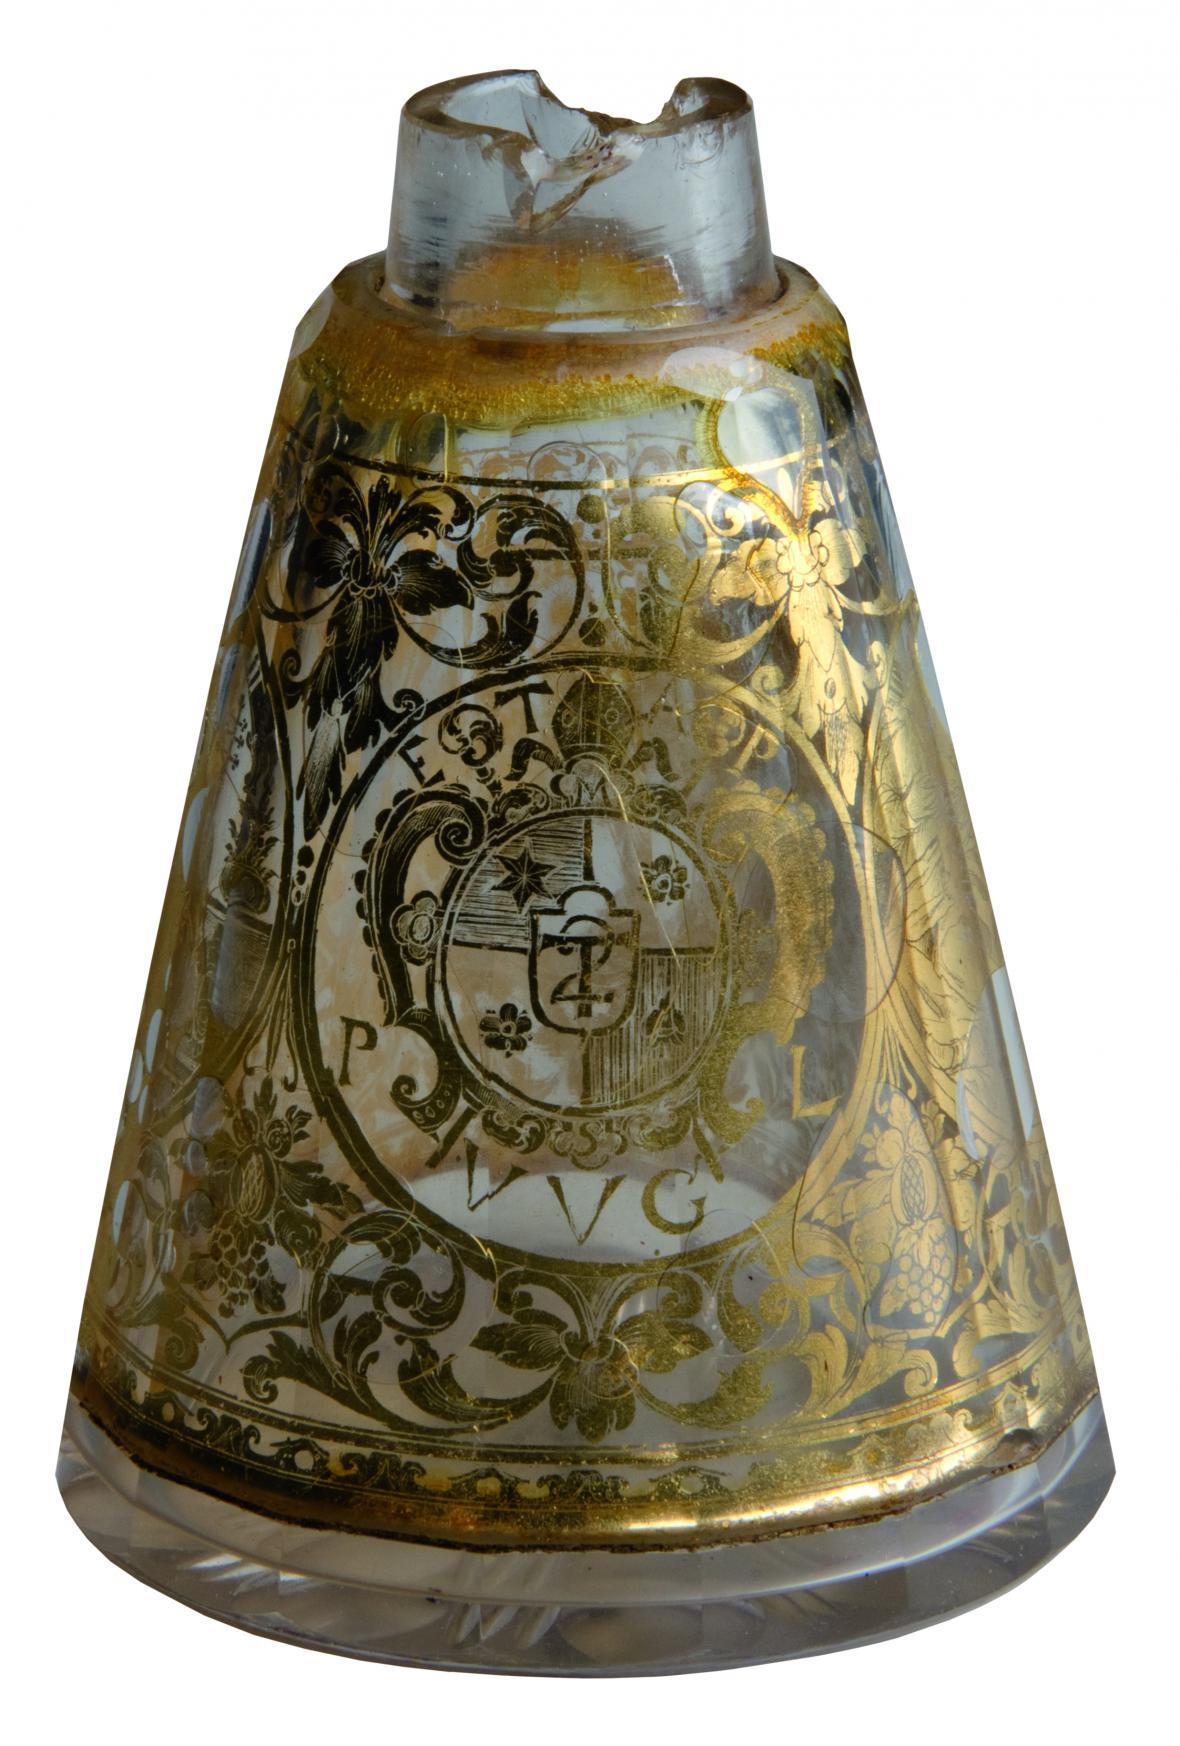 Dvojstěnný flakon se znakem opata Evžena Tyttla, kolem 1730, severní Čechy